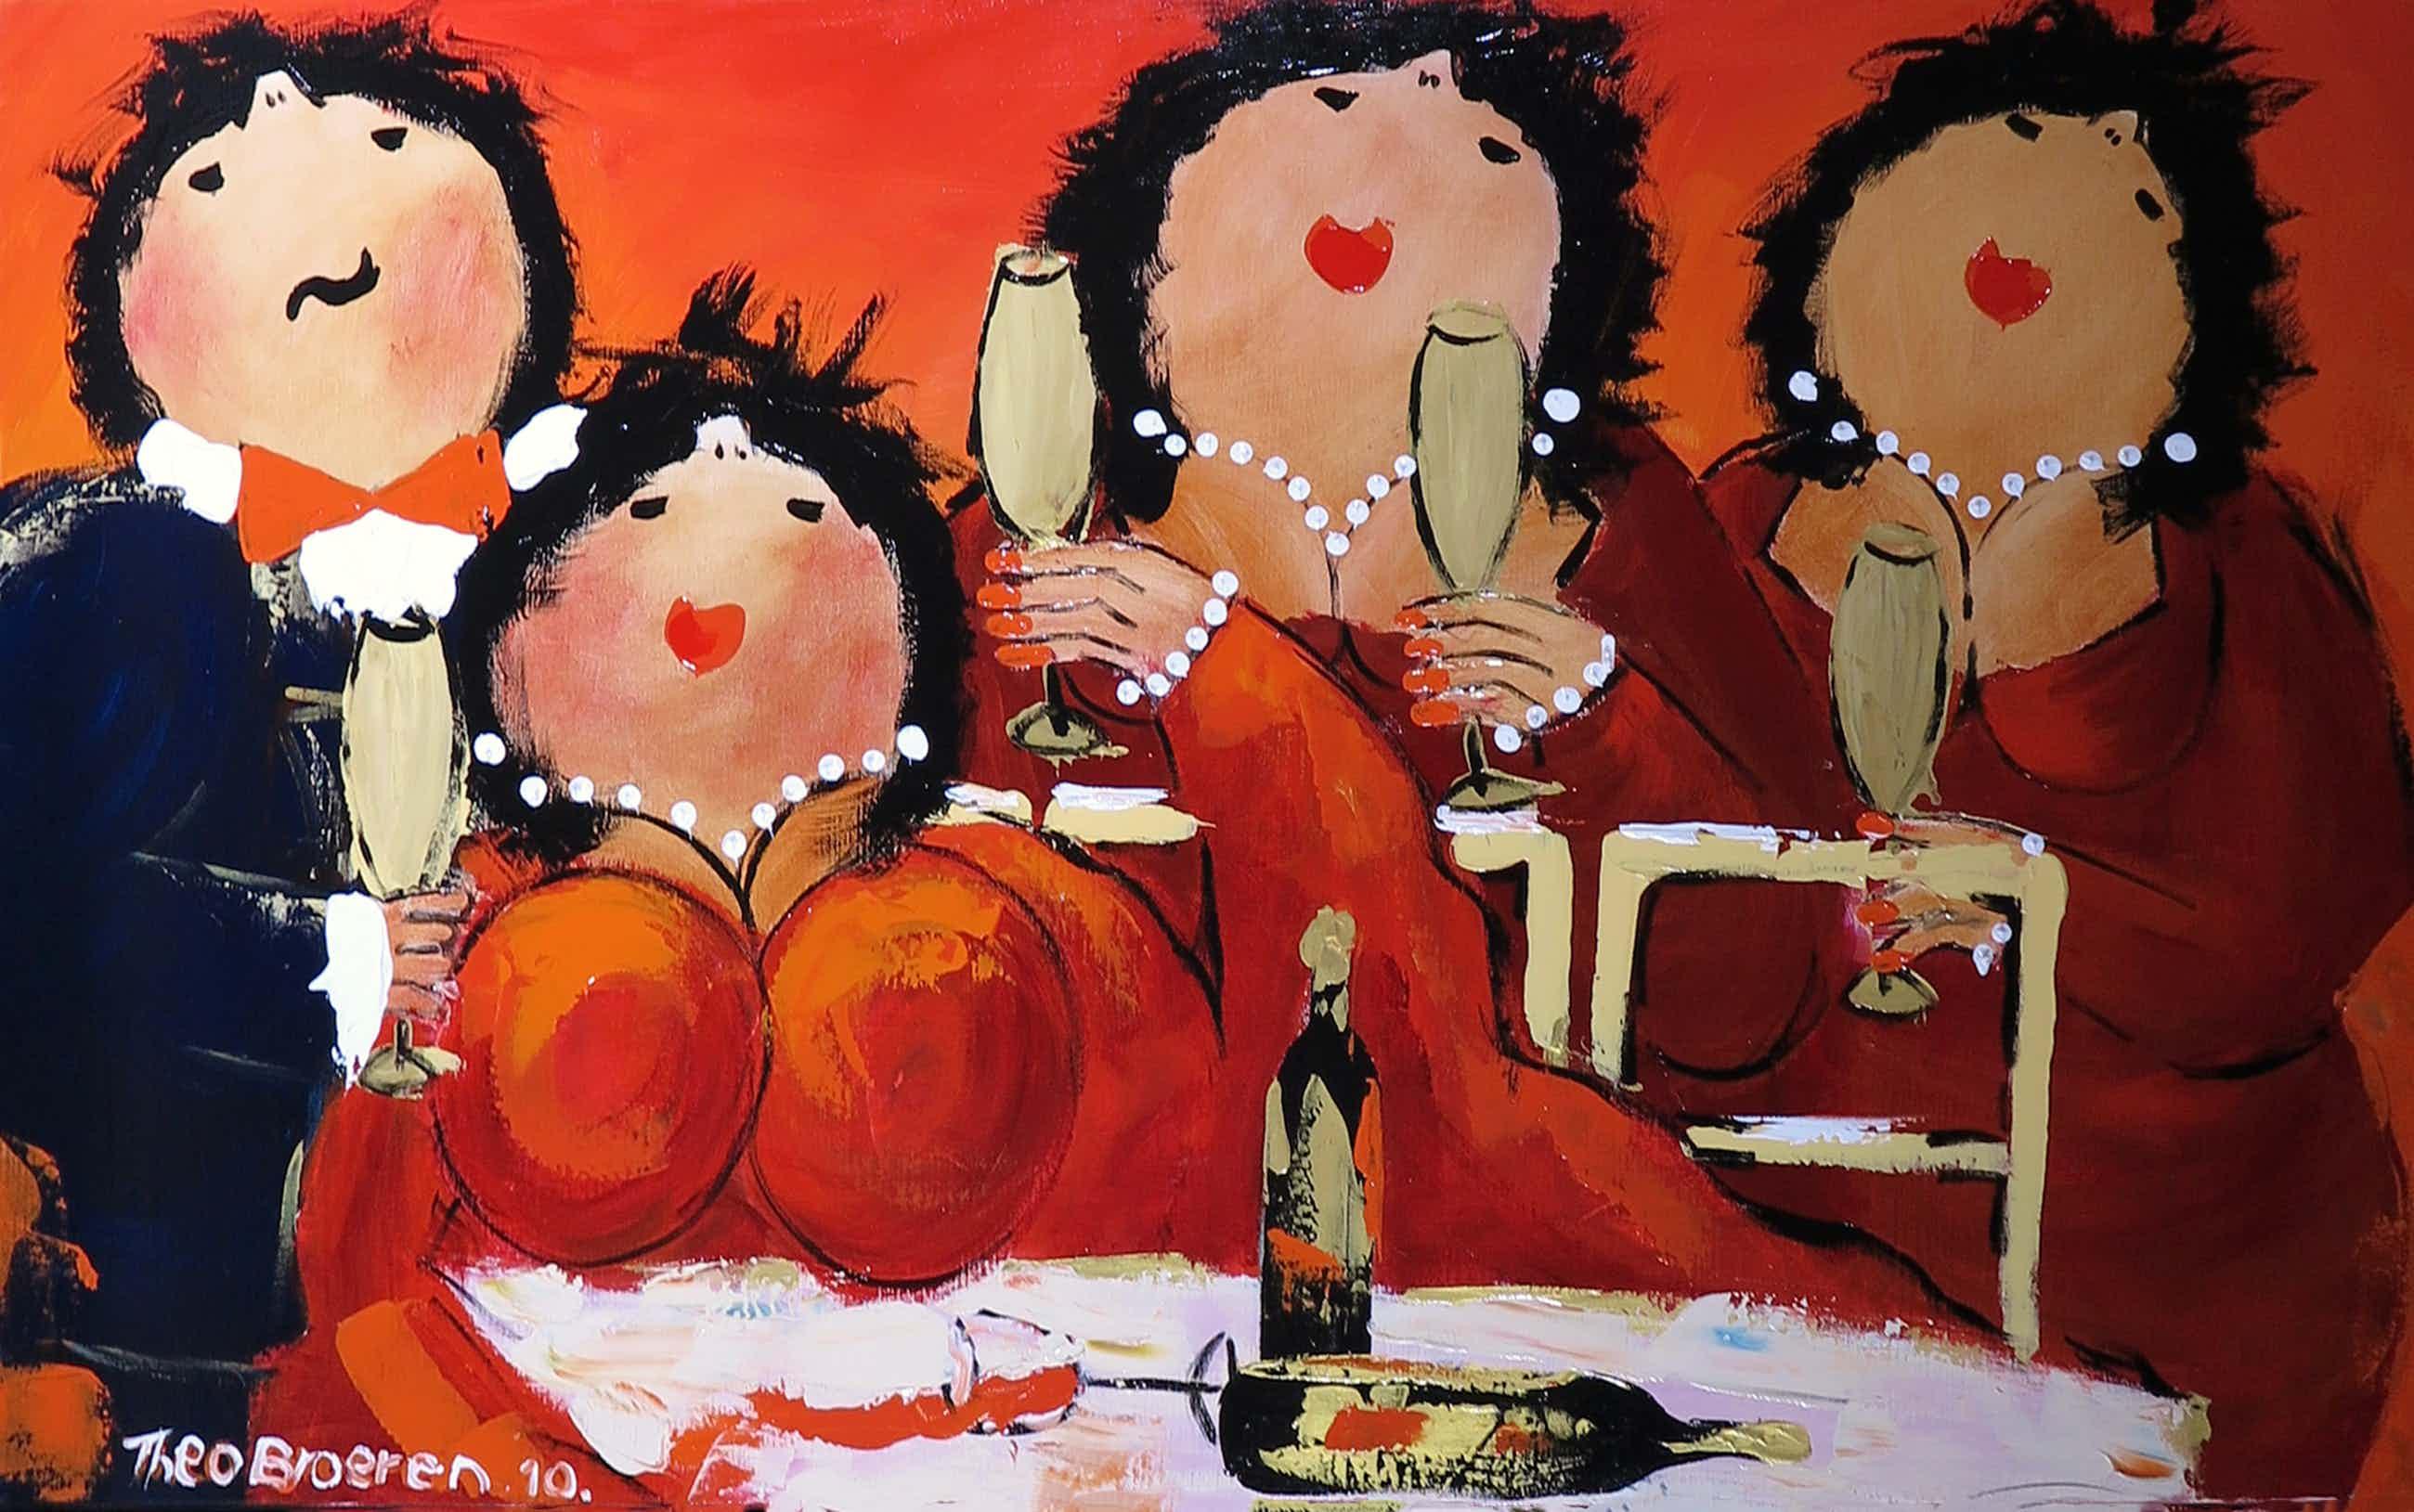 Theo Broeren - Acryl op doek, Wijnen, wijnen! (Zeer groot) kopen? Bied vanaf 110!